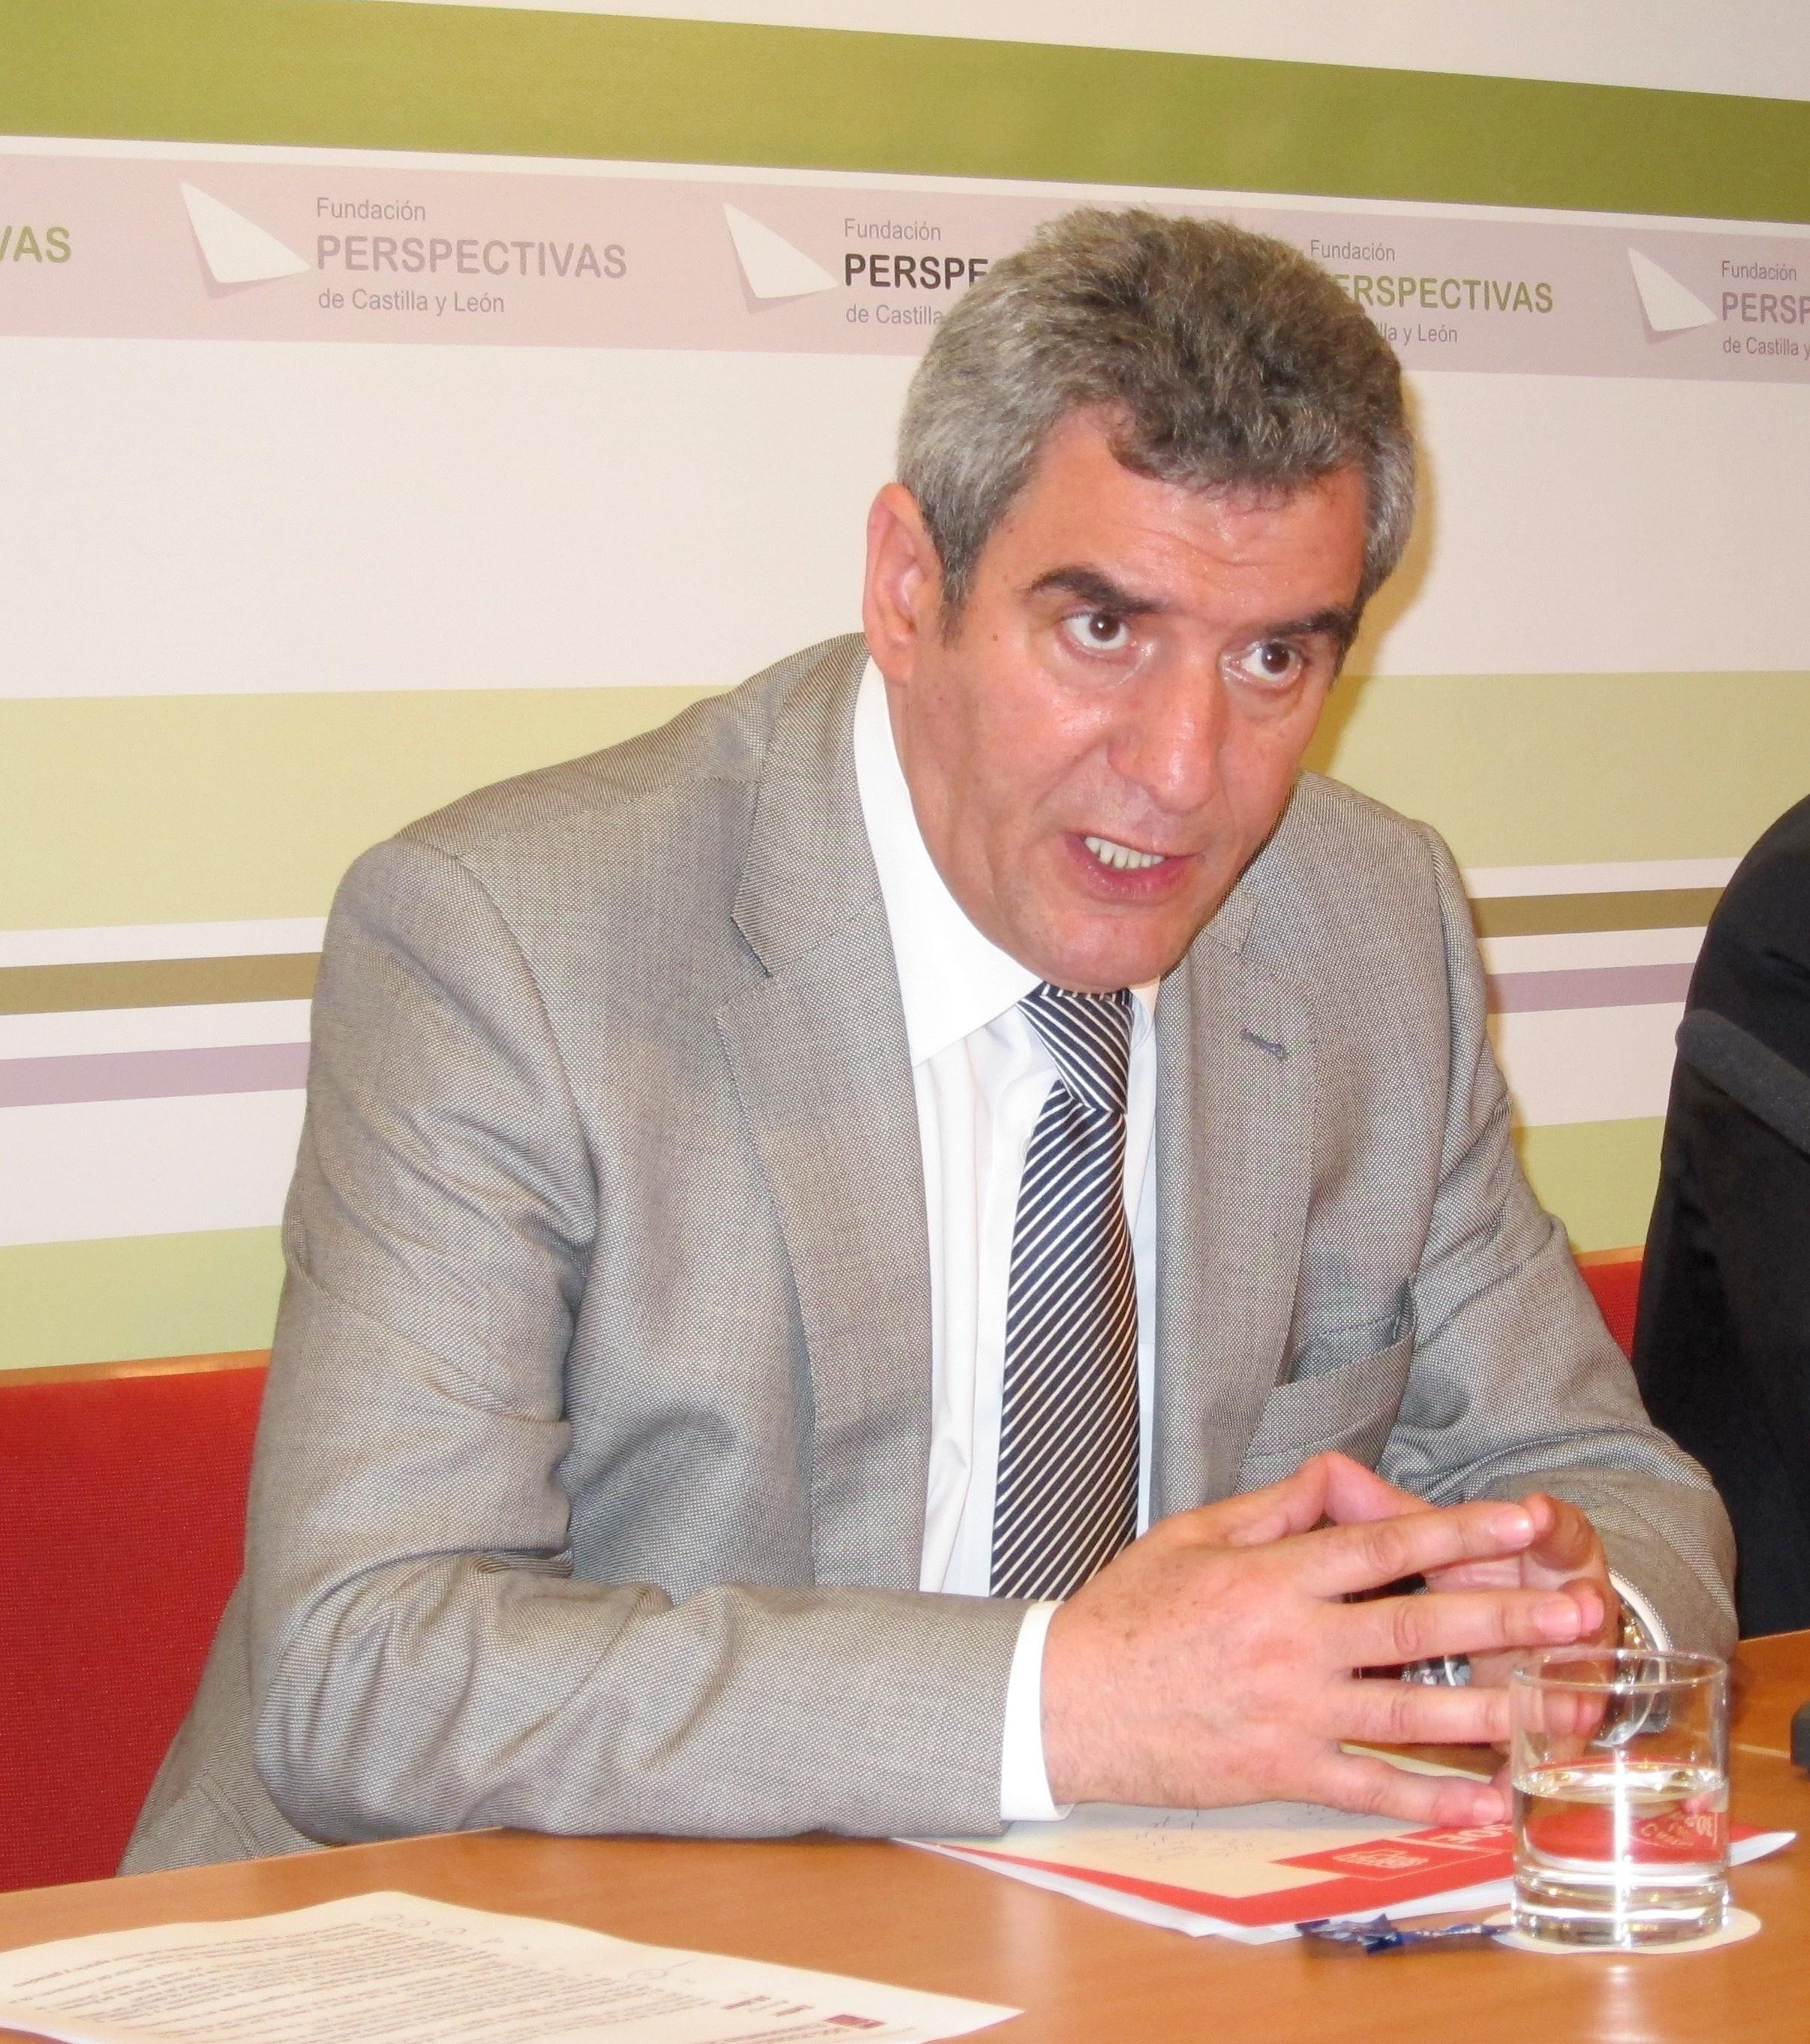 Villarrubia, satisfecho por el mantenimiento del Consejo de la Juventud de CyL con personalidad jurídica pública